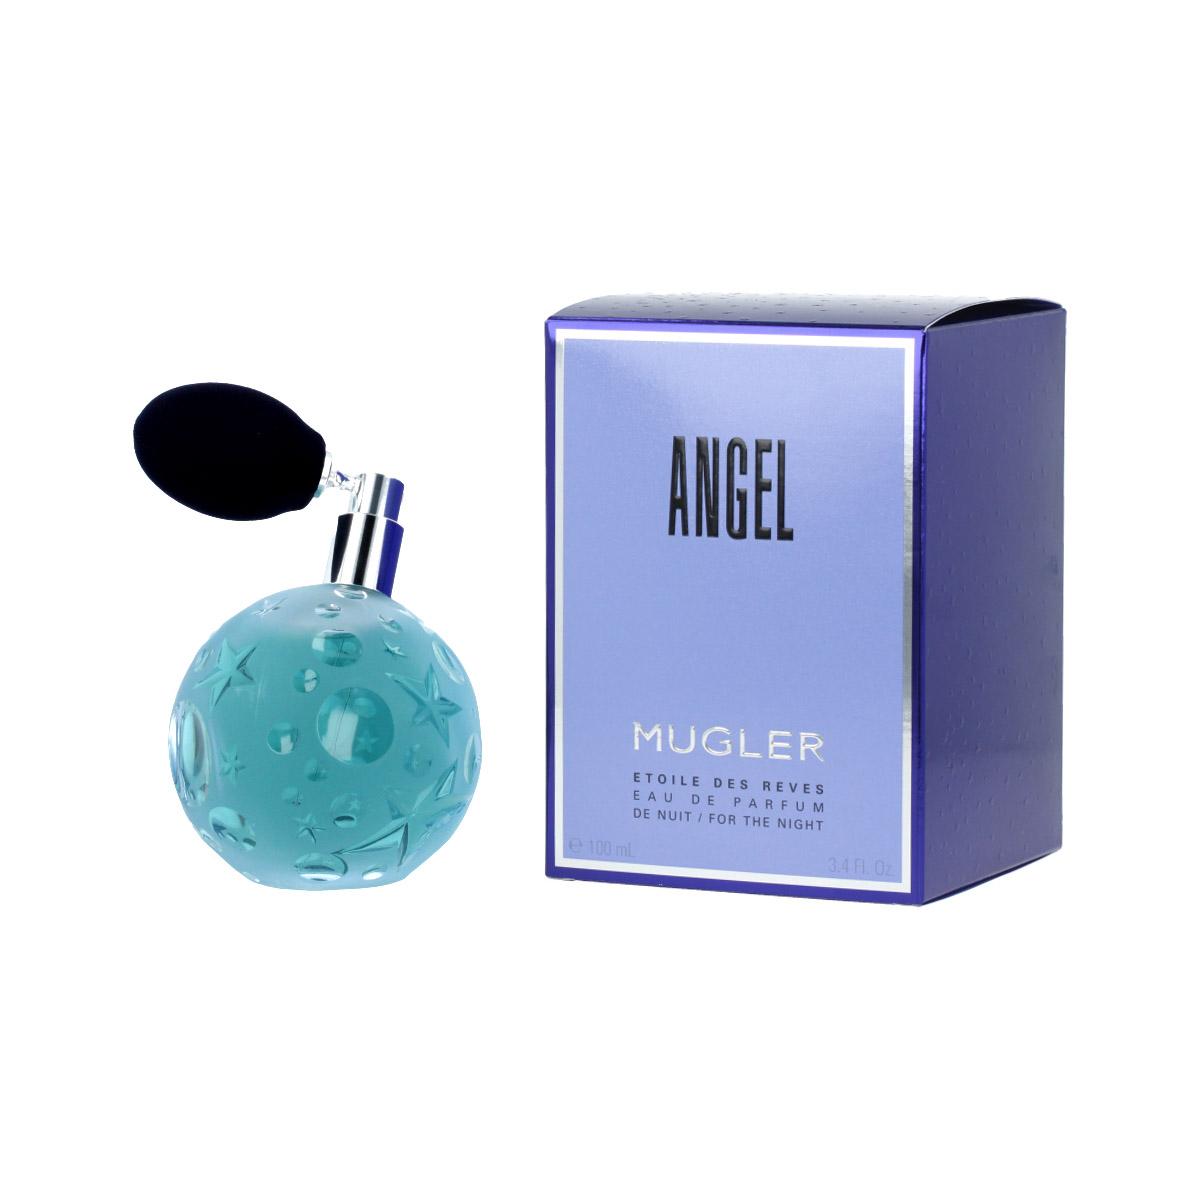 Mugler Angel Étoile Des Rêves Eau De Parfum 100 ml (woman) 96696